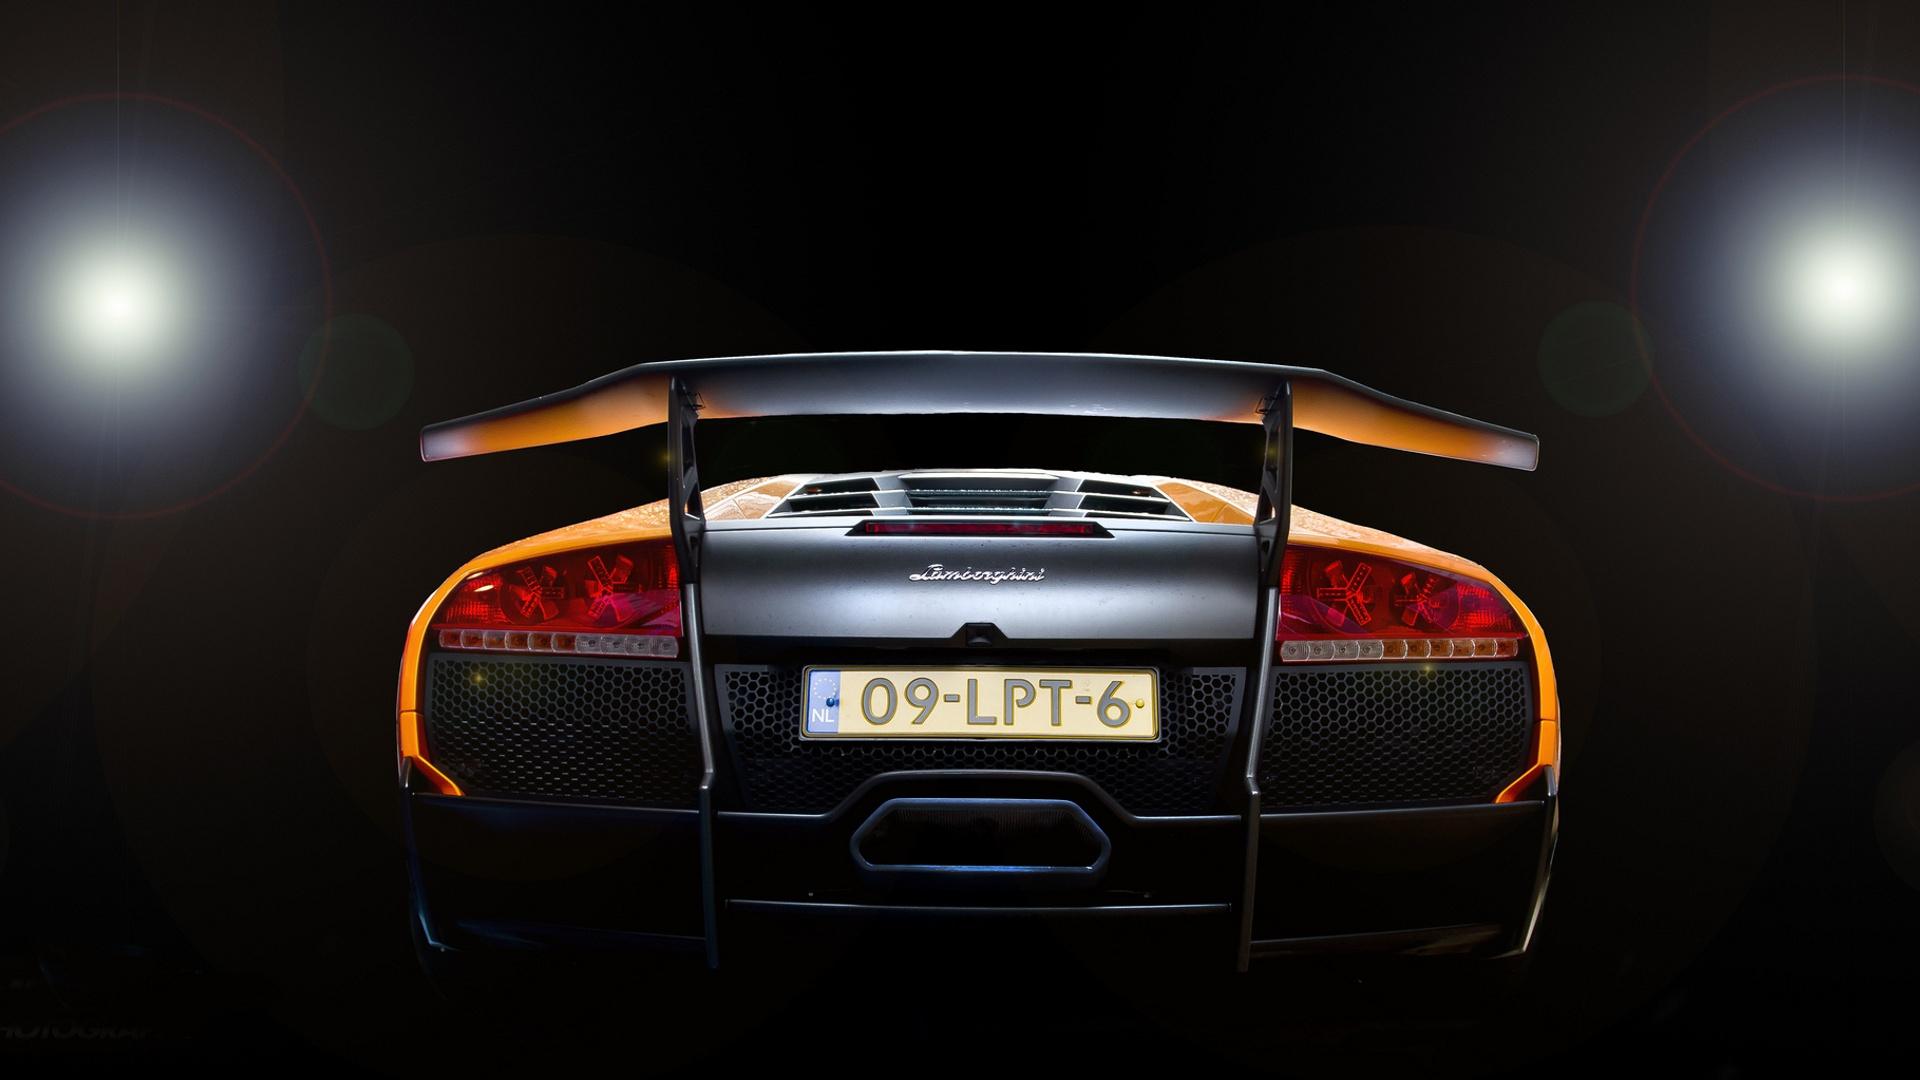 Lamborghini mursielago audi бесплатно